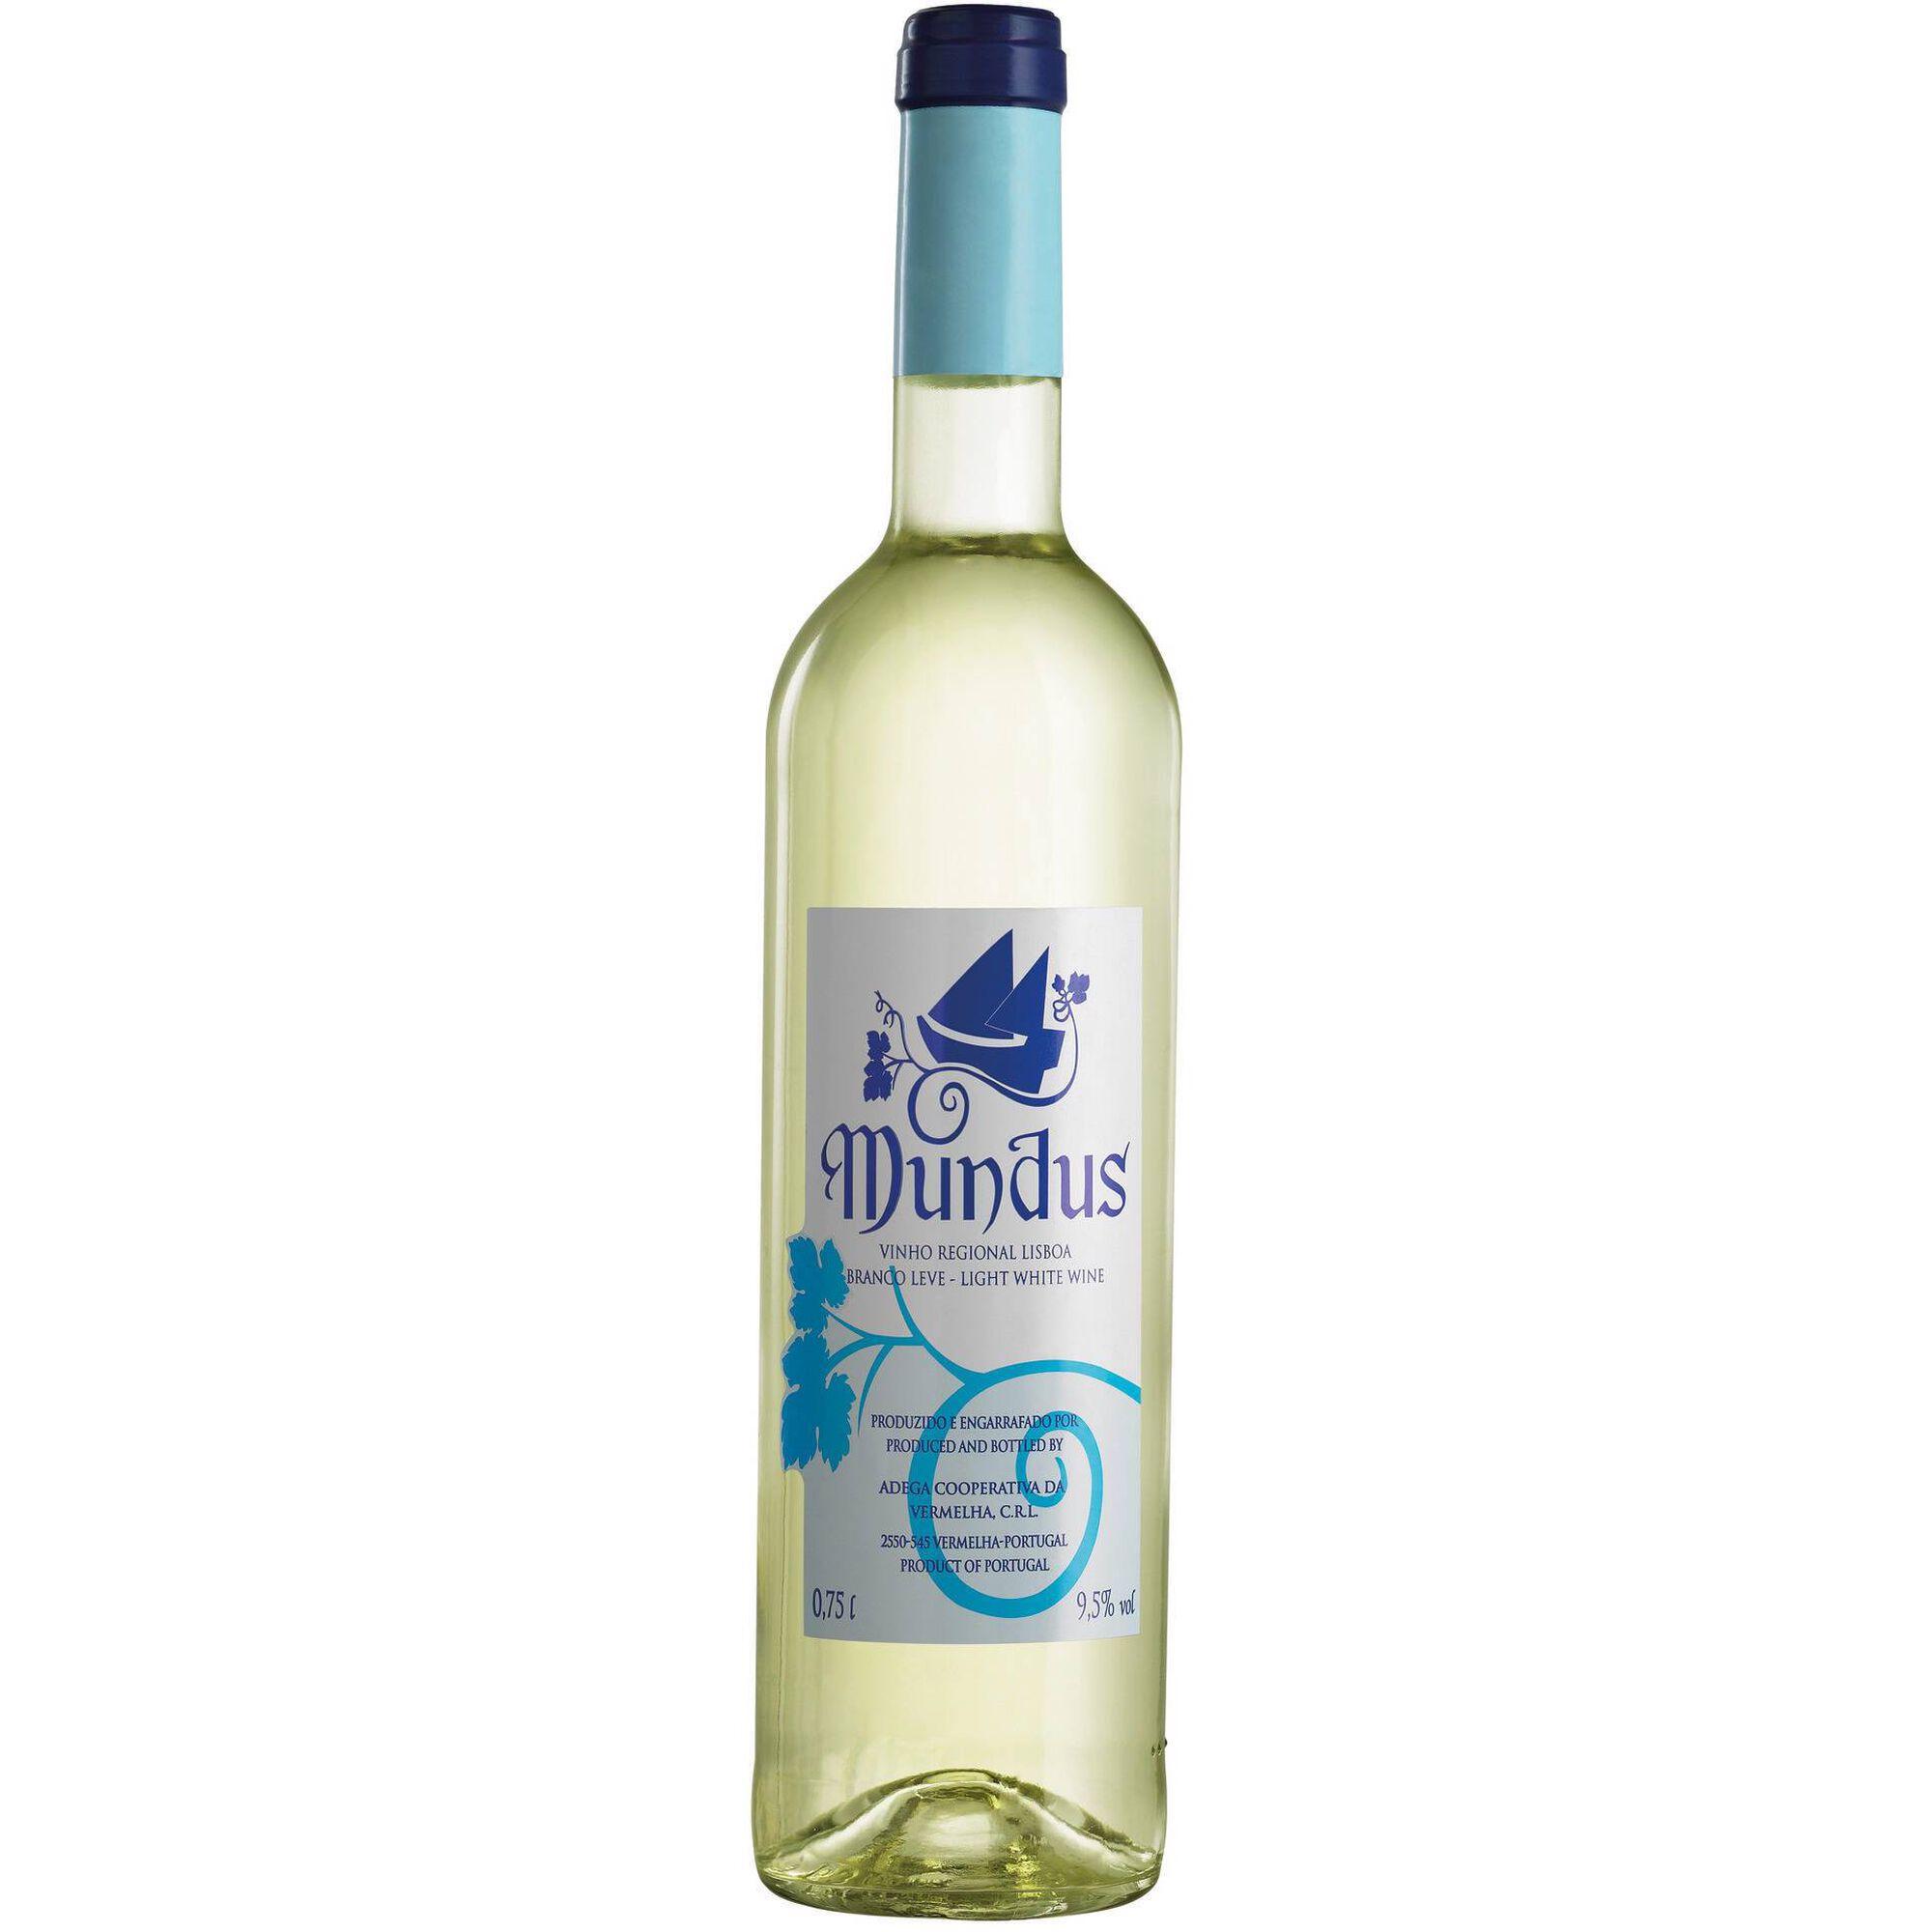 Mundus Leve Colheita Selecionada Regional Lisboa Vinho Branco